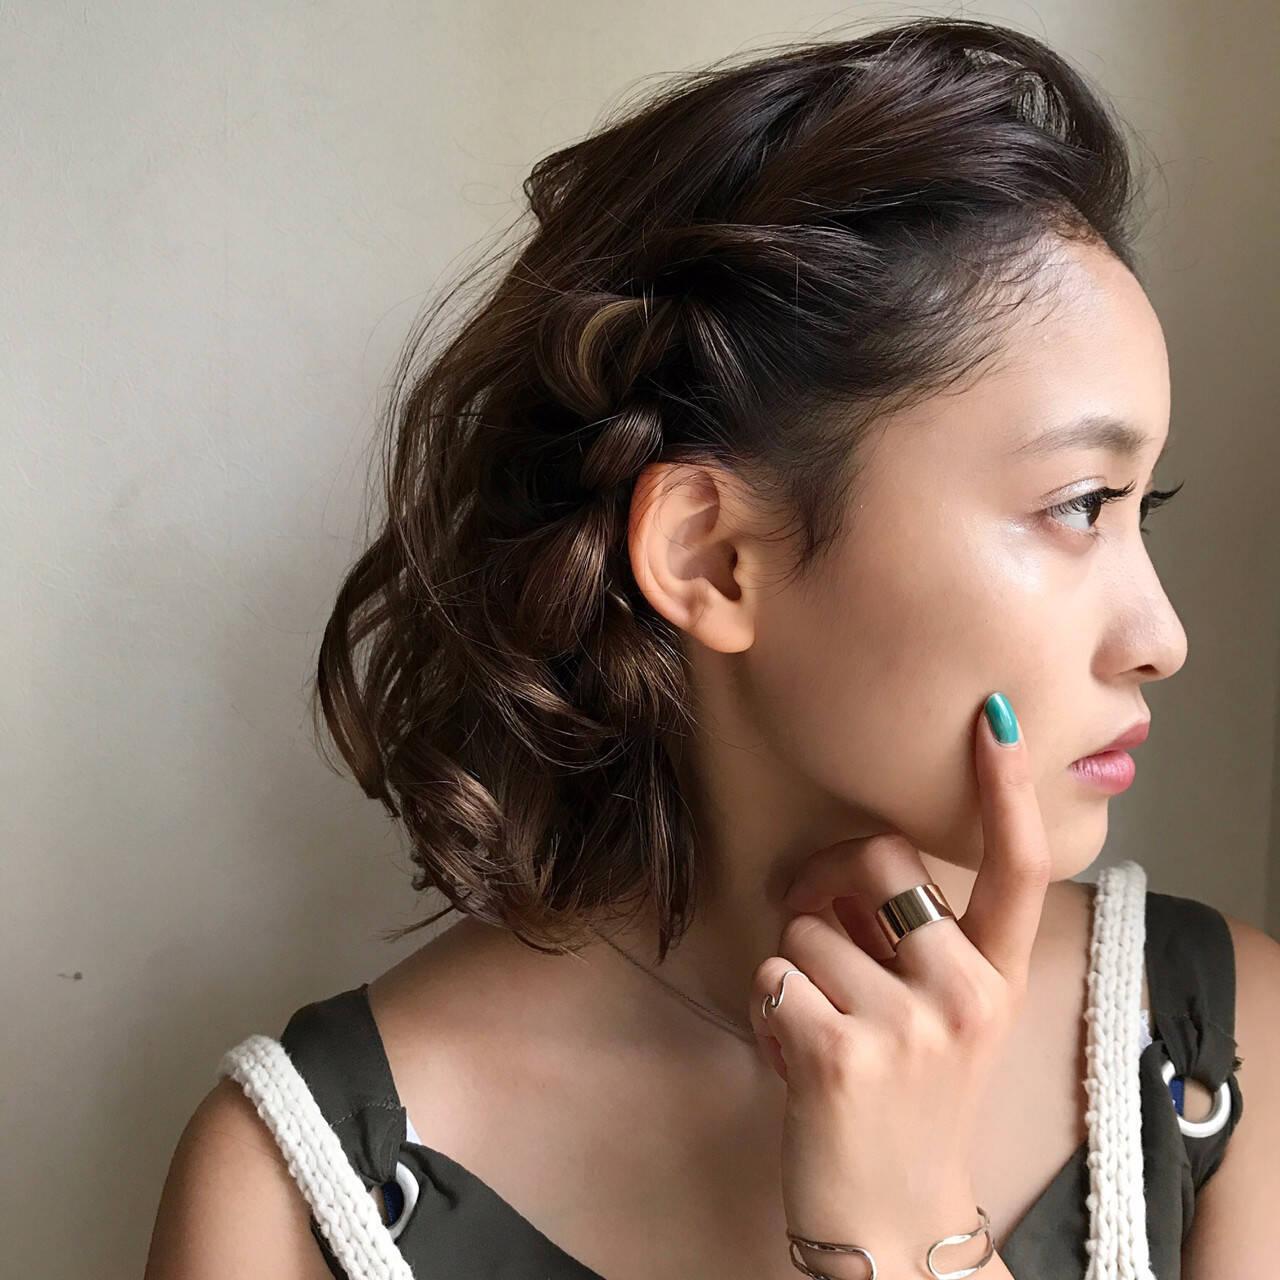 ボブ 大人女子 黒髪 簡単ヘアアレンジヘアスタイルや髪型の写真・画像